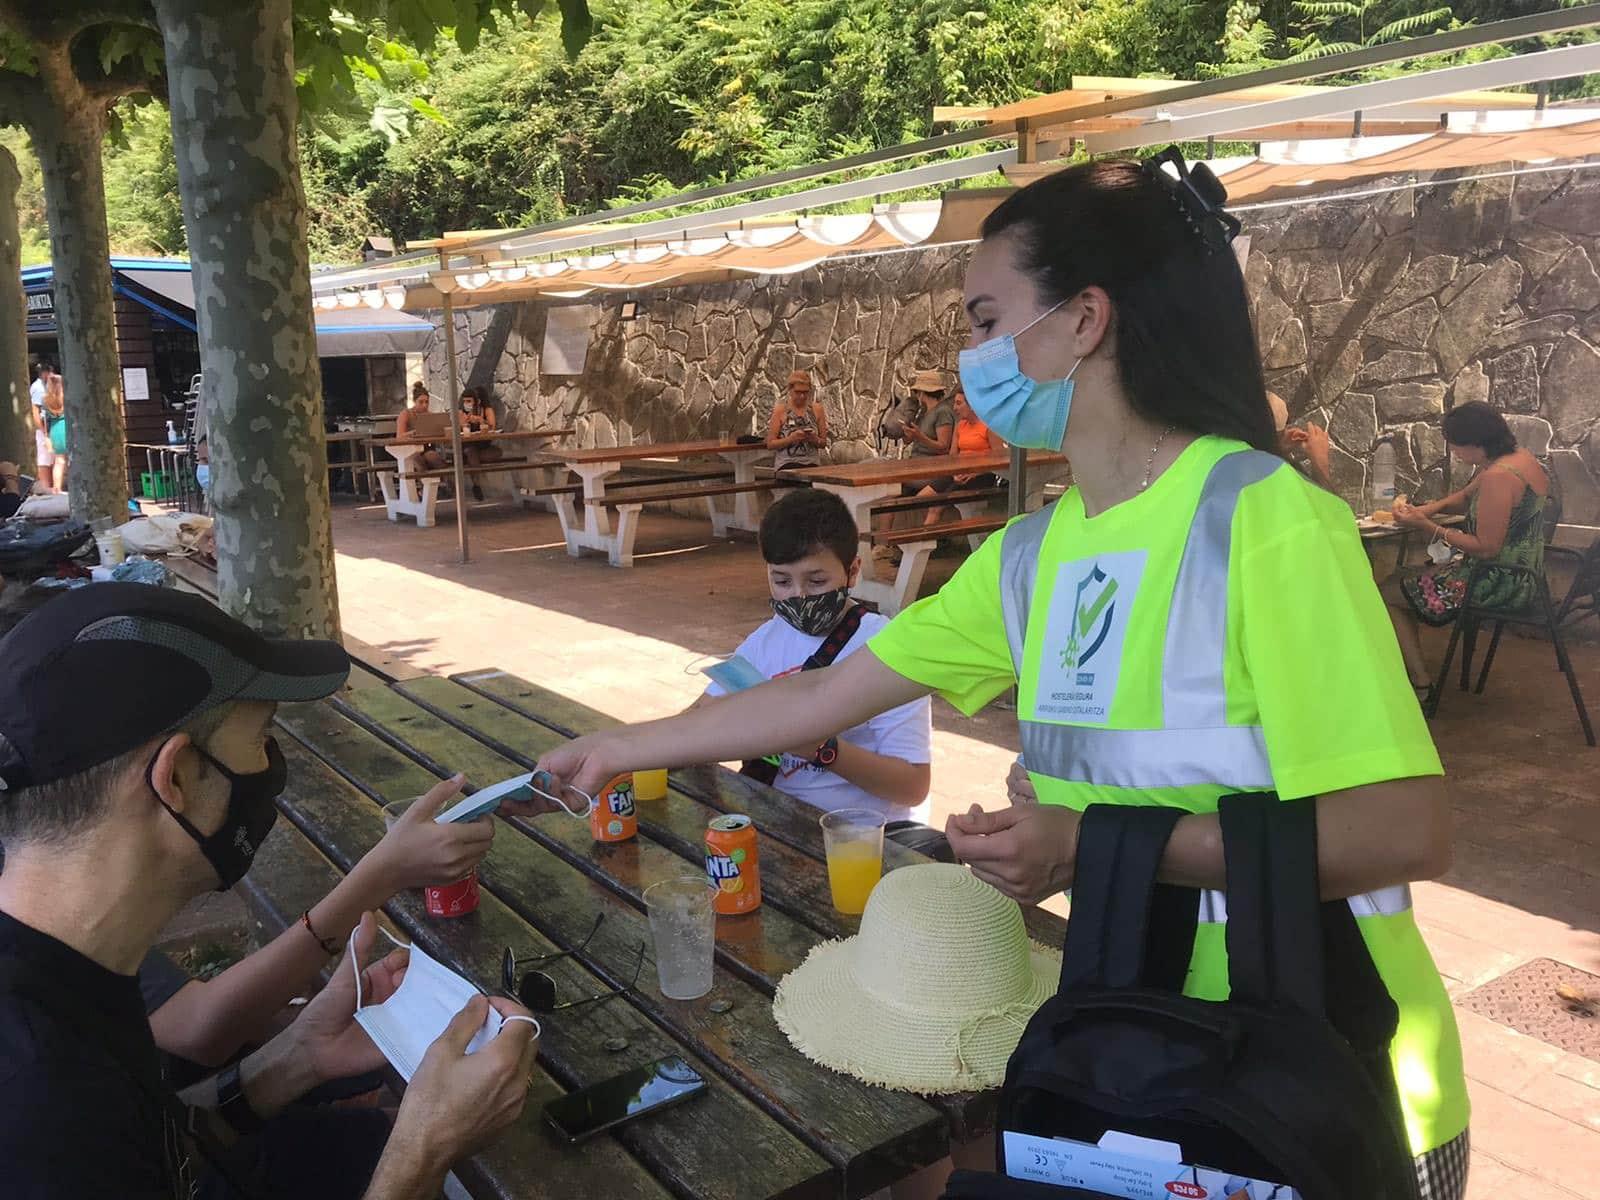 Una de las trabajadoras en la campaña del pasado verano. Foto: Hostelería Gipuzkoa